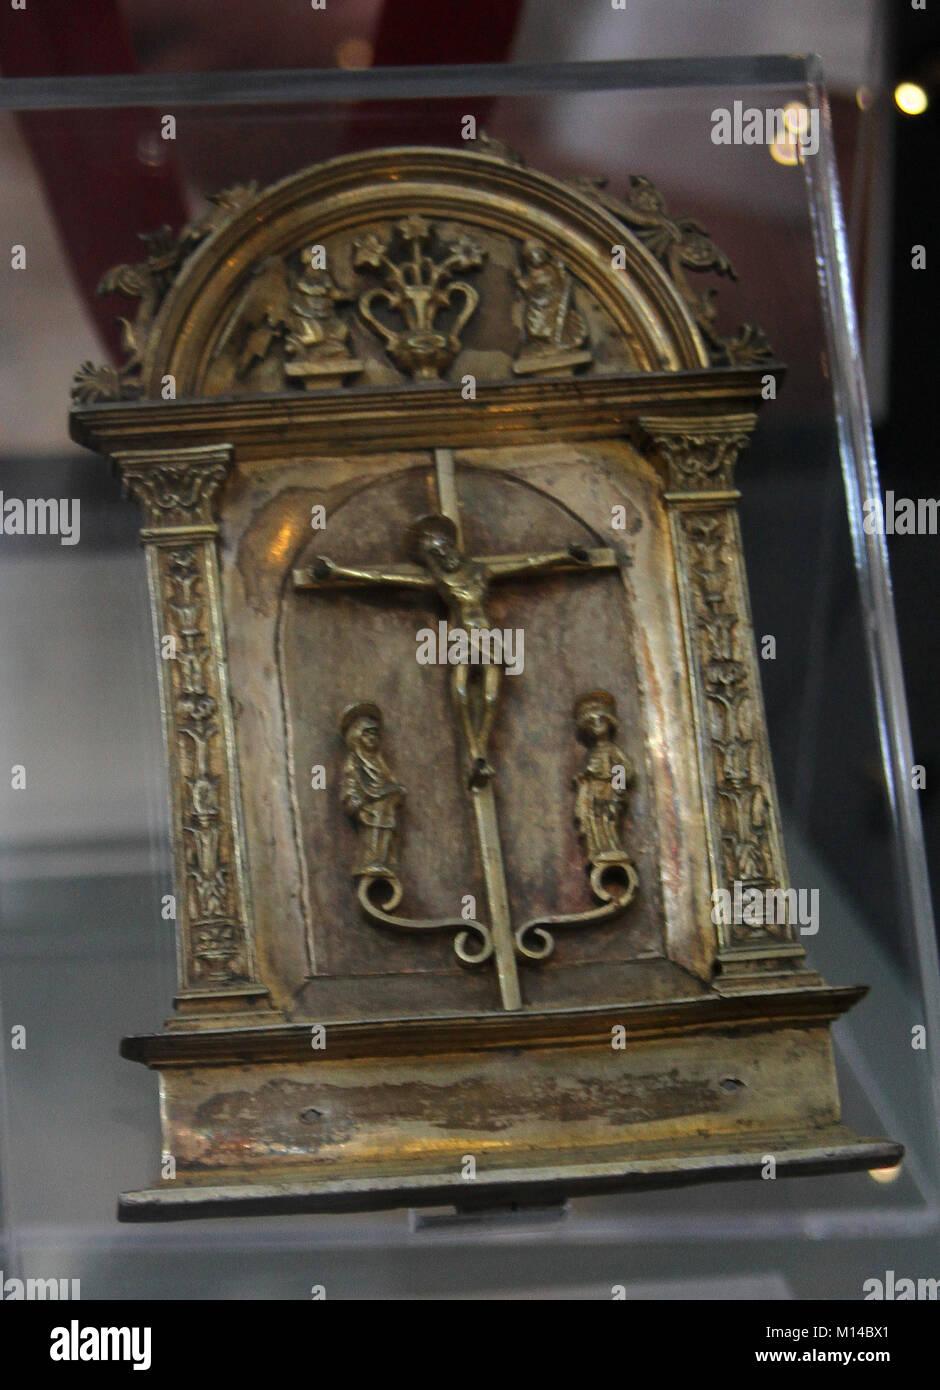 Peace, silver gilt, origin Napoli, Amalfi cathedral, Amalfi, Italy. - Stock Image